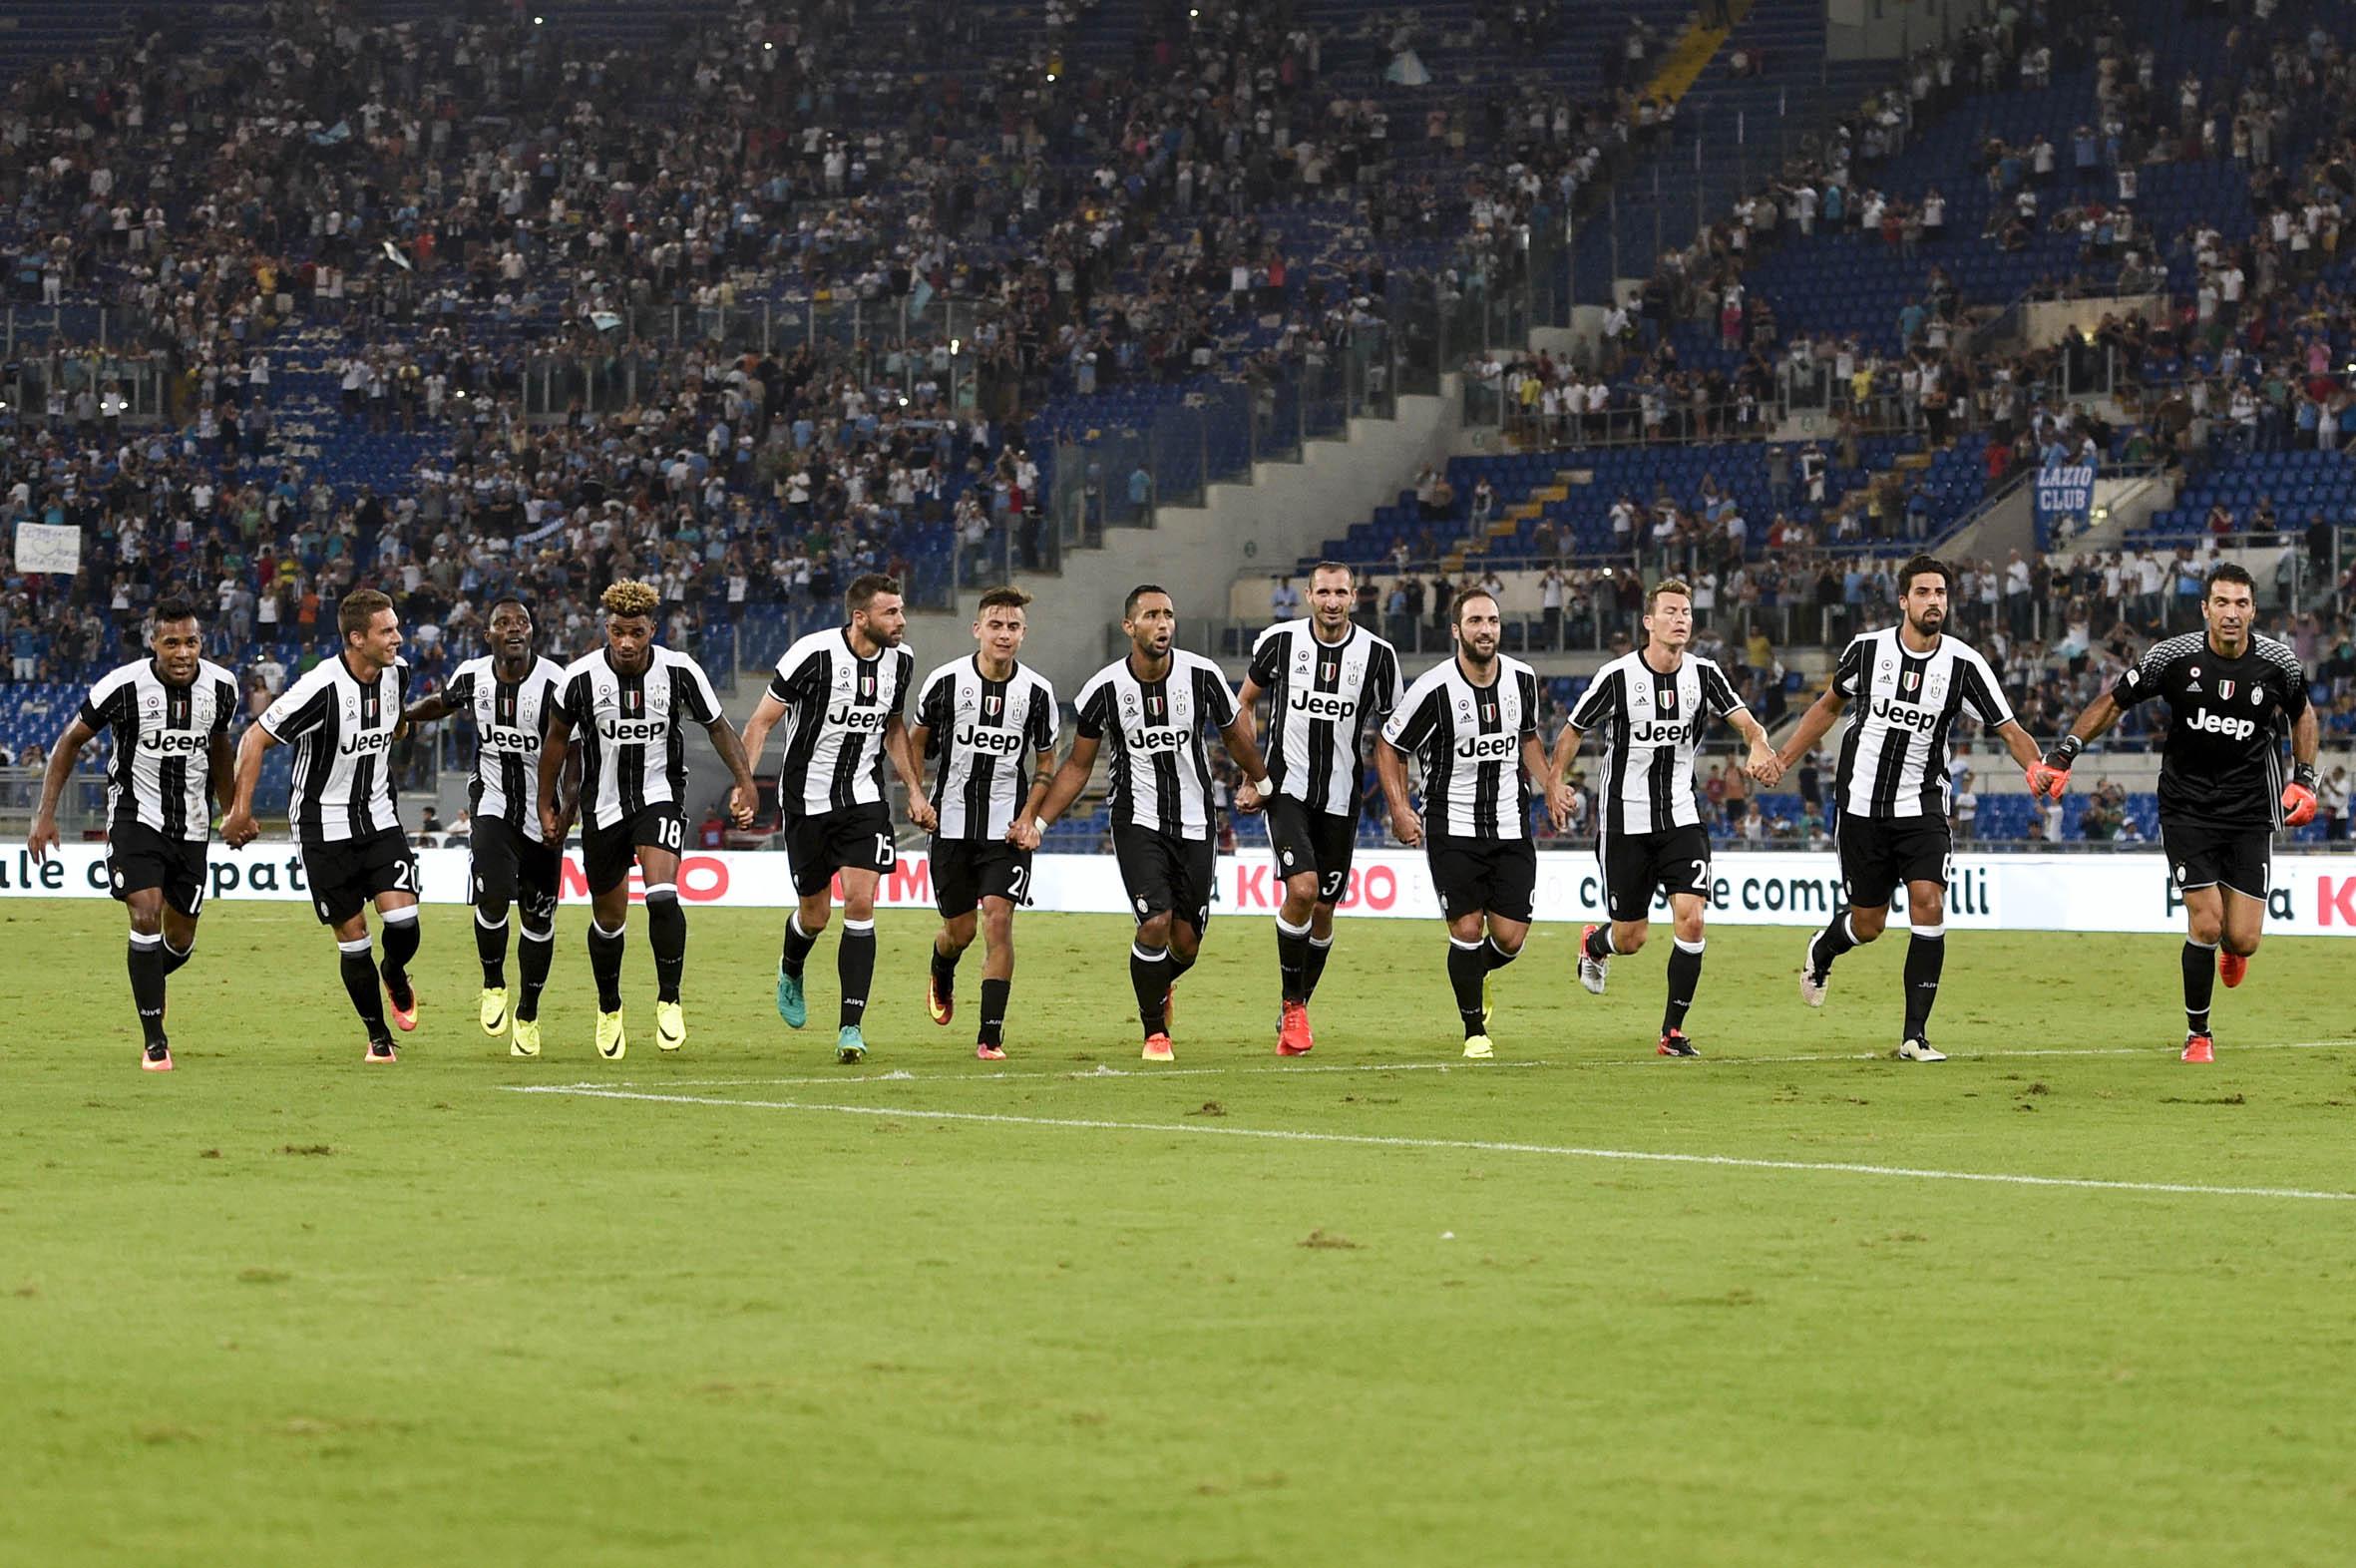 Campionato Italiano Serie A 2016-2017 2 giornata Roma - 27.08.2016 - Stadio Olimpico - Lazio vs Juventus - nella foto: /Ph.Corradetti-Ag Aldo Liverani